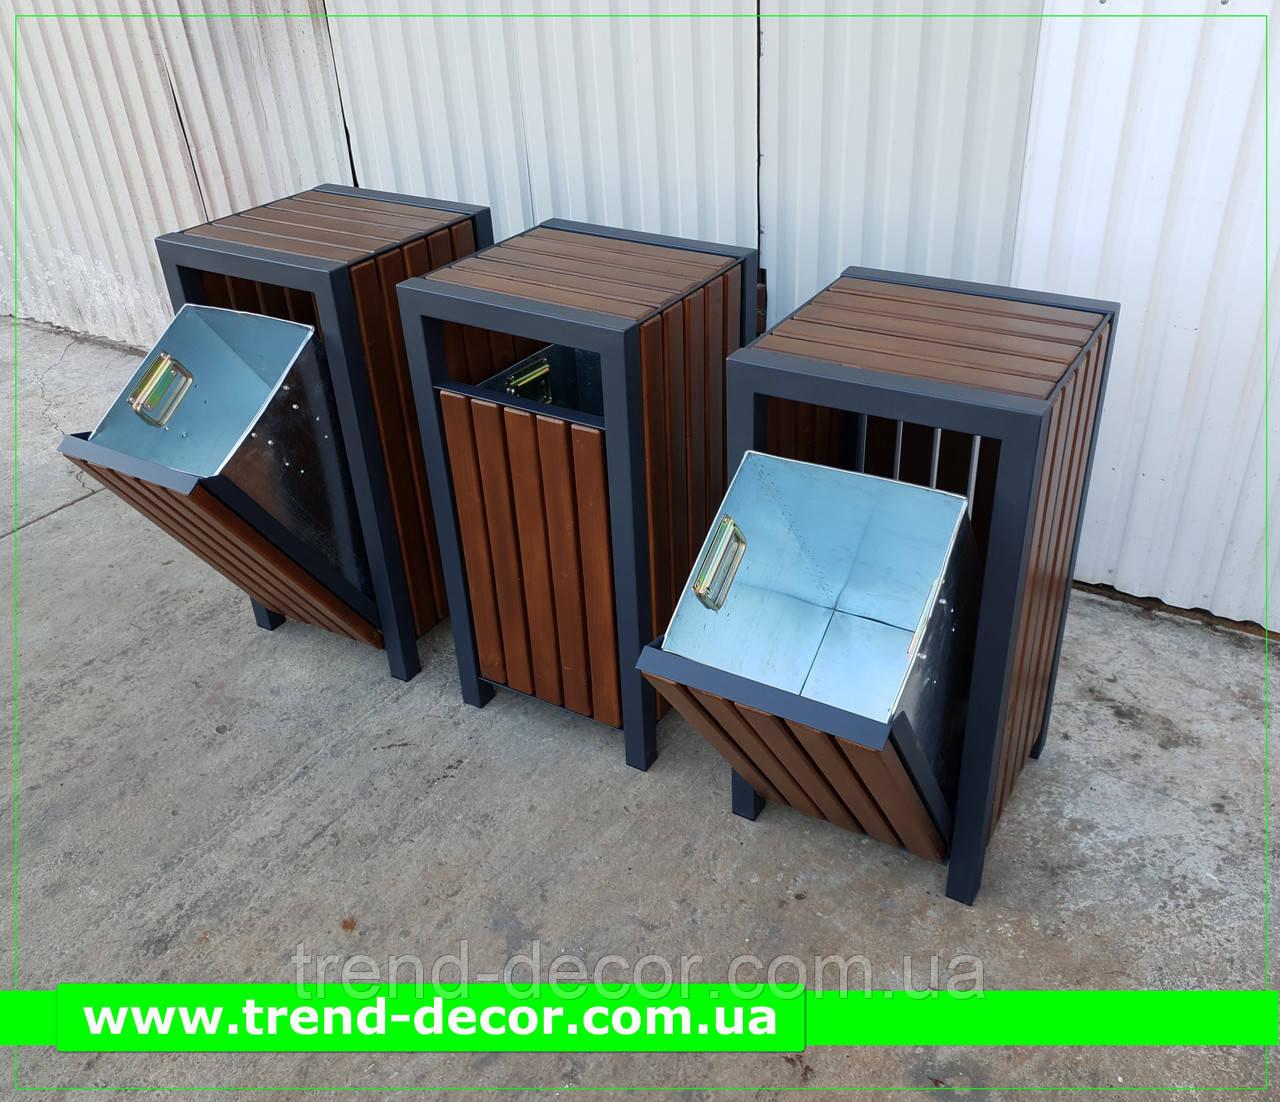 Уличная урна TrendDecor металическая 0121